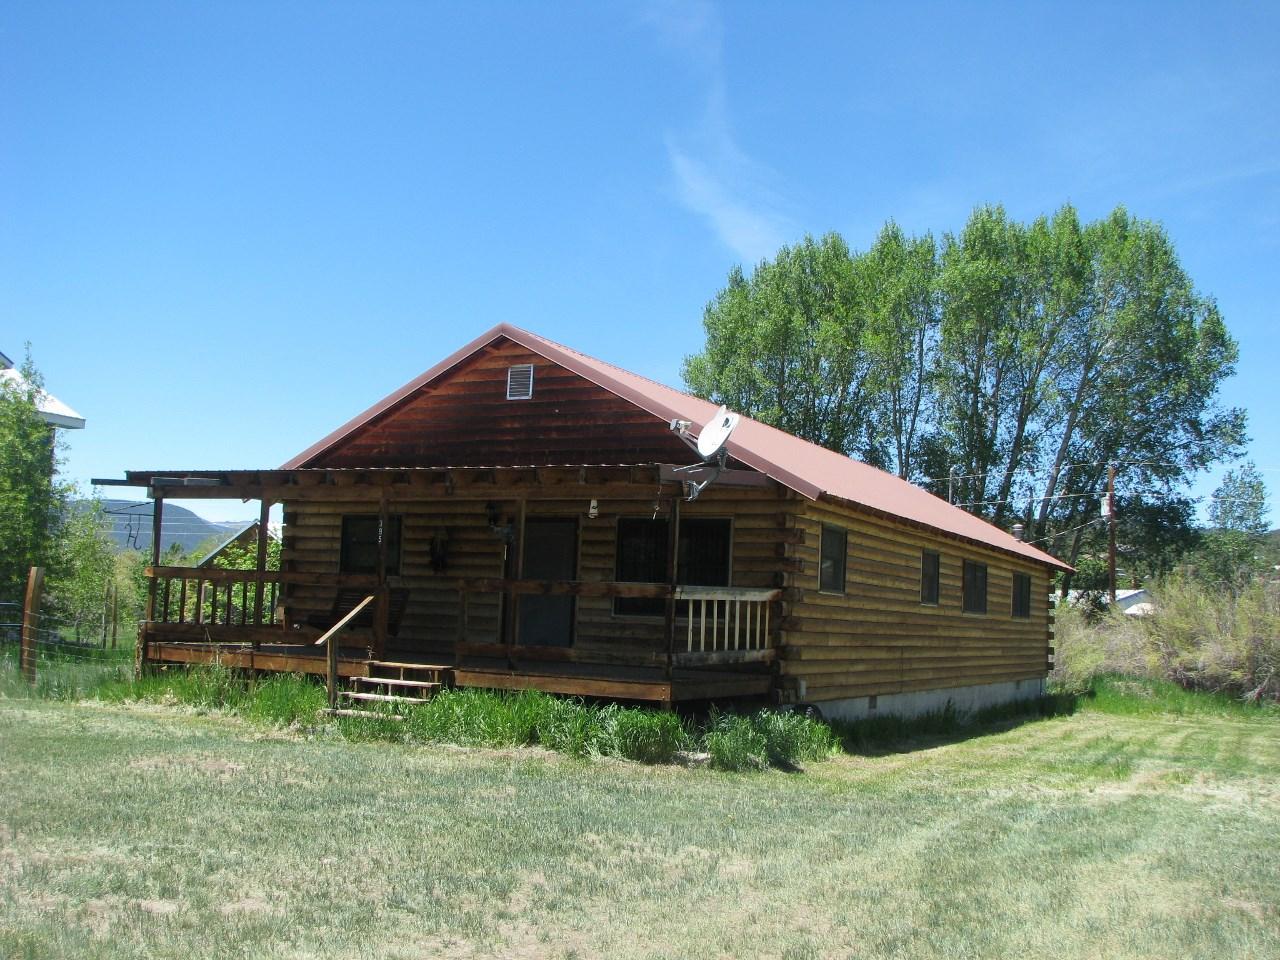 COLORADO MOUNTAIN HOMES FOR SALE